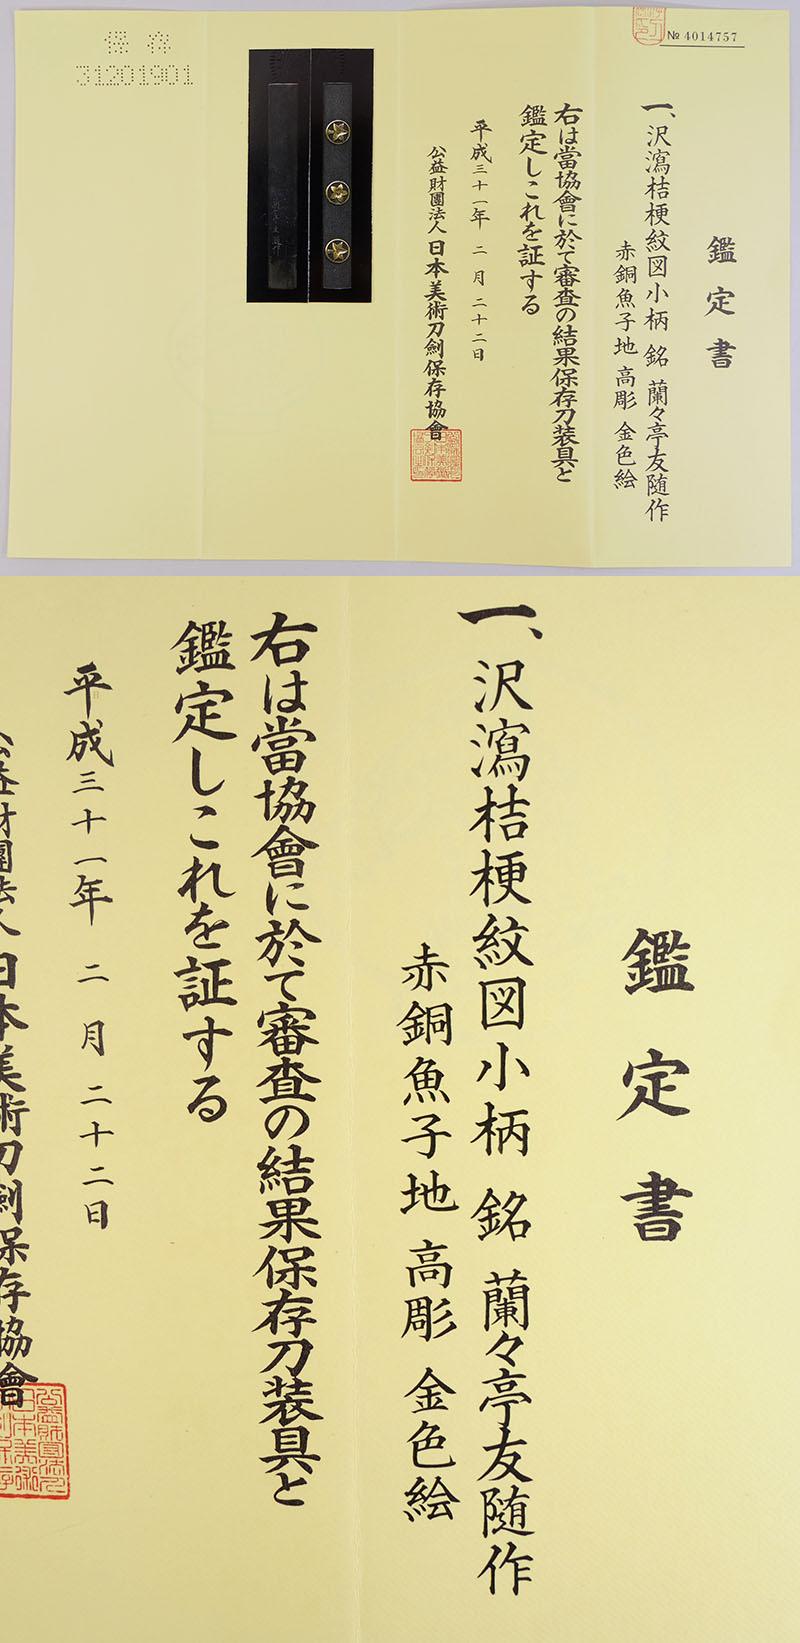 沢瀉桔梗紋図小柄 蘭々亭友随作 Picture of Certificate